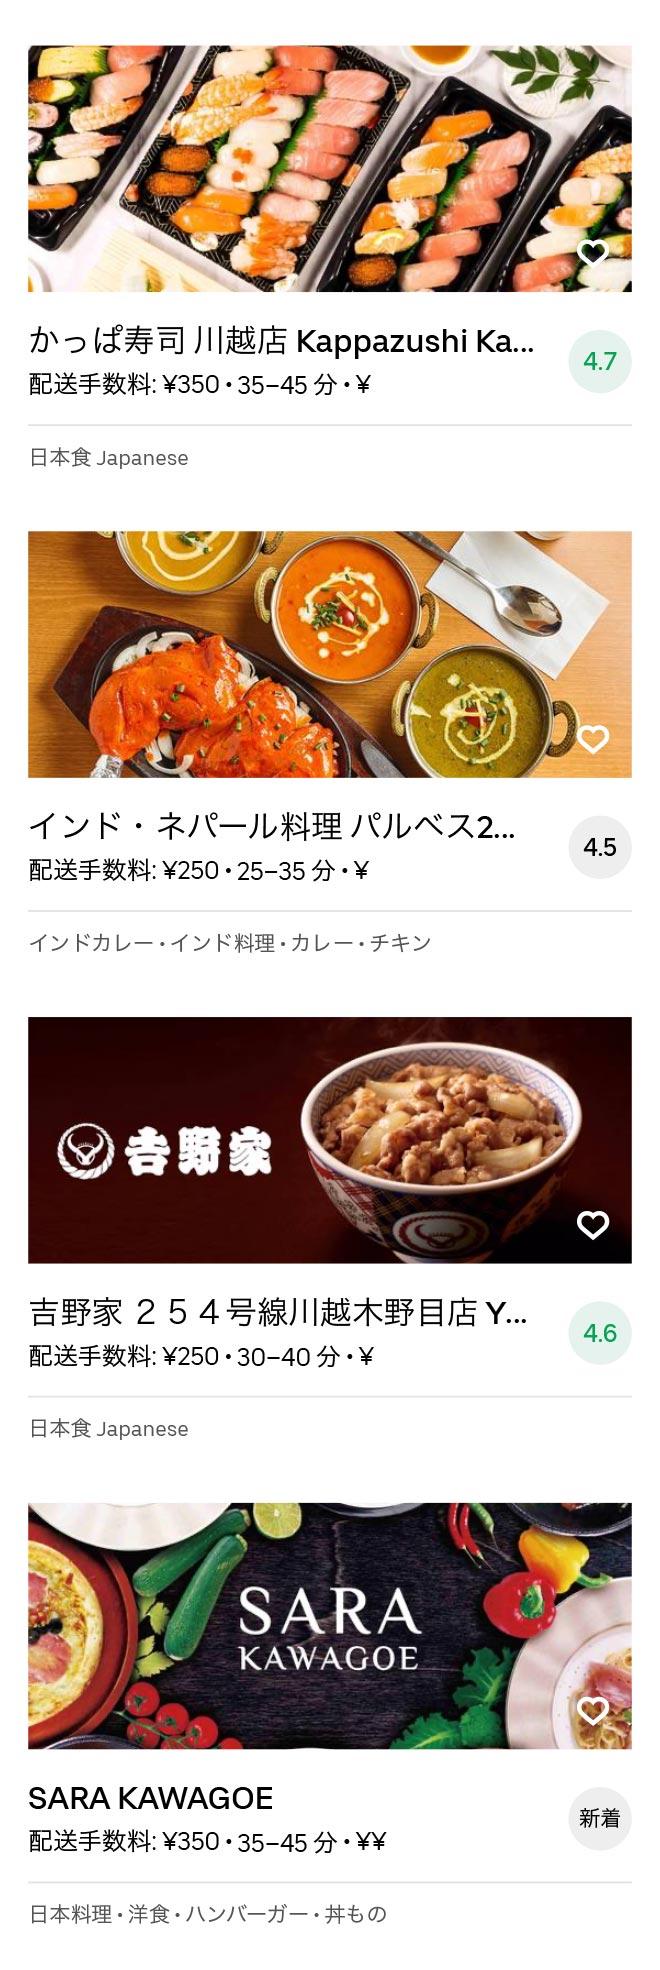 Shingashi menu 2008 12